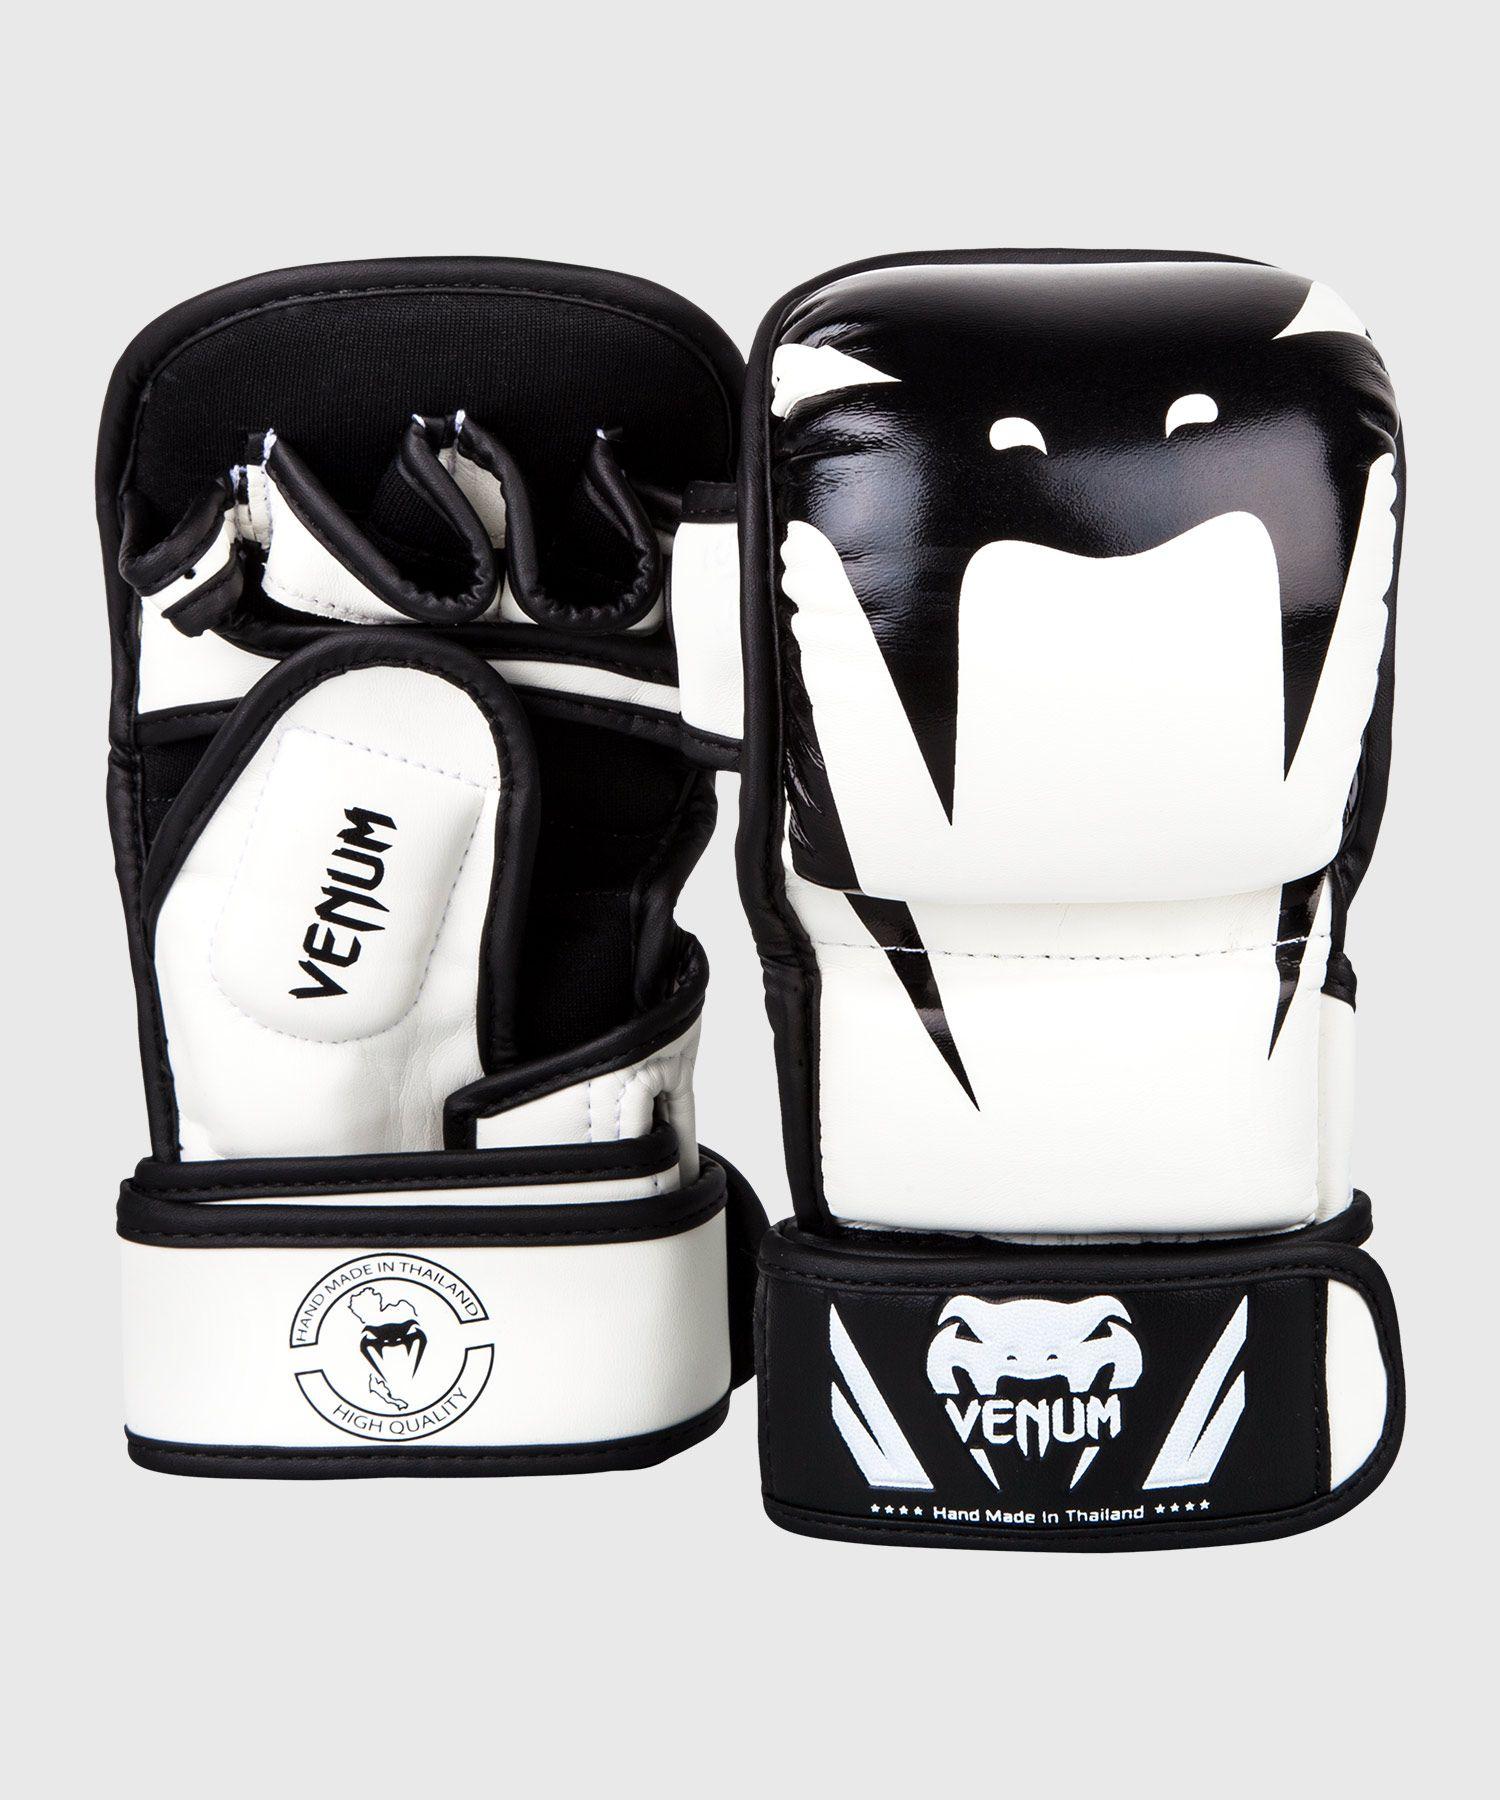 Gants de MMA Venum Impact Sparring  - Blanc/Noir